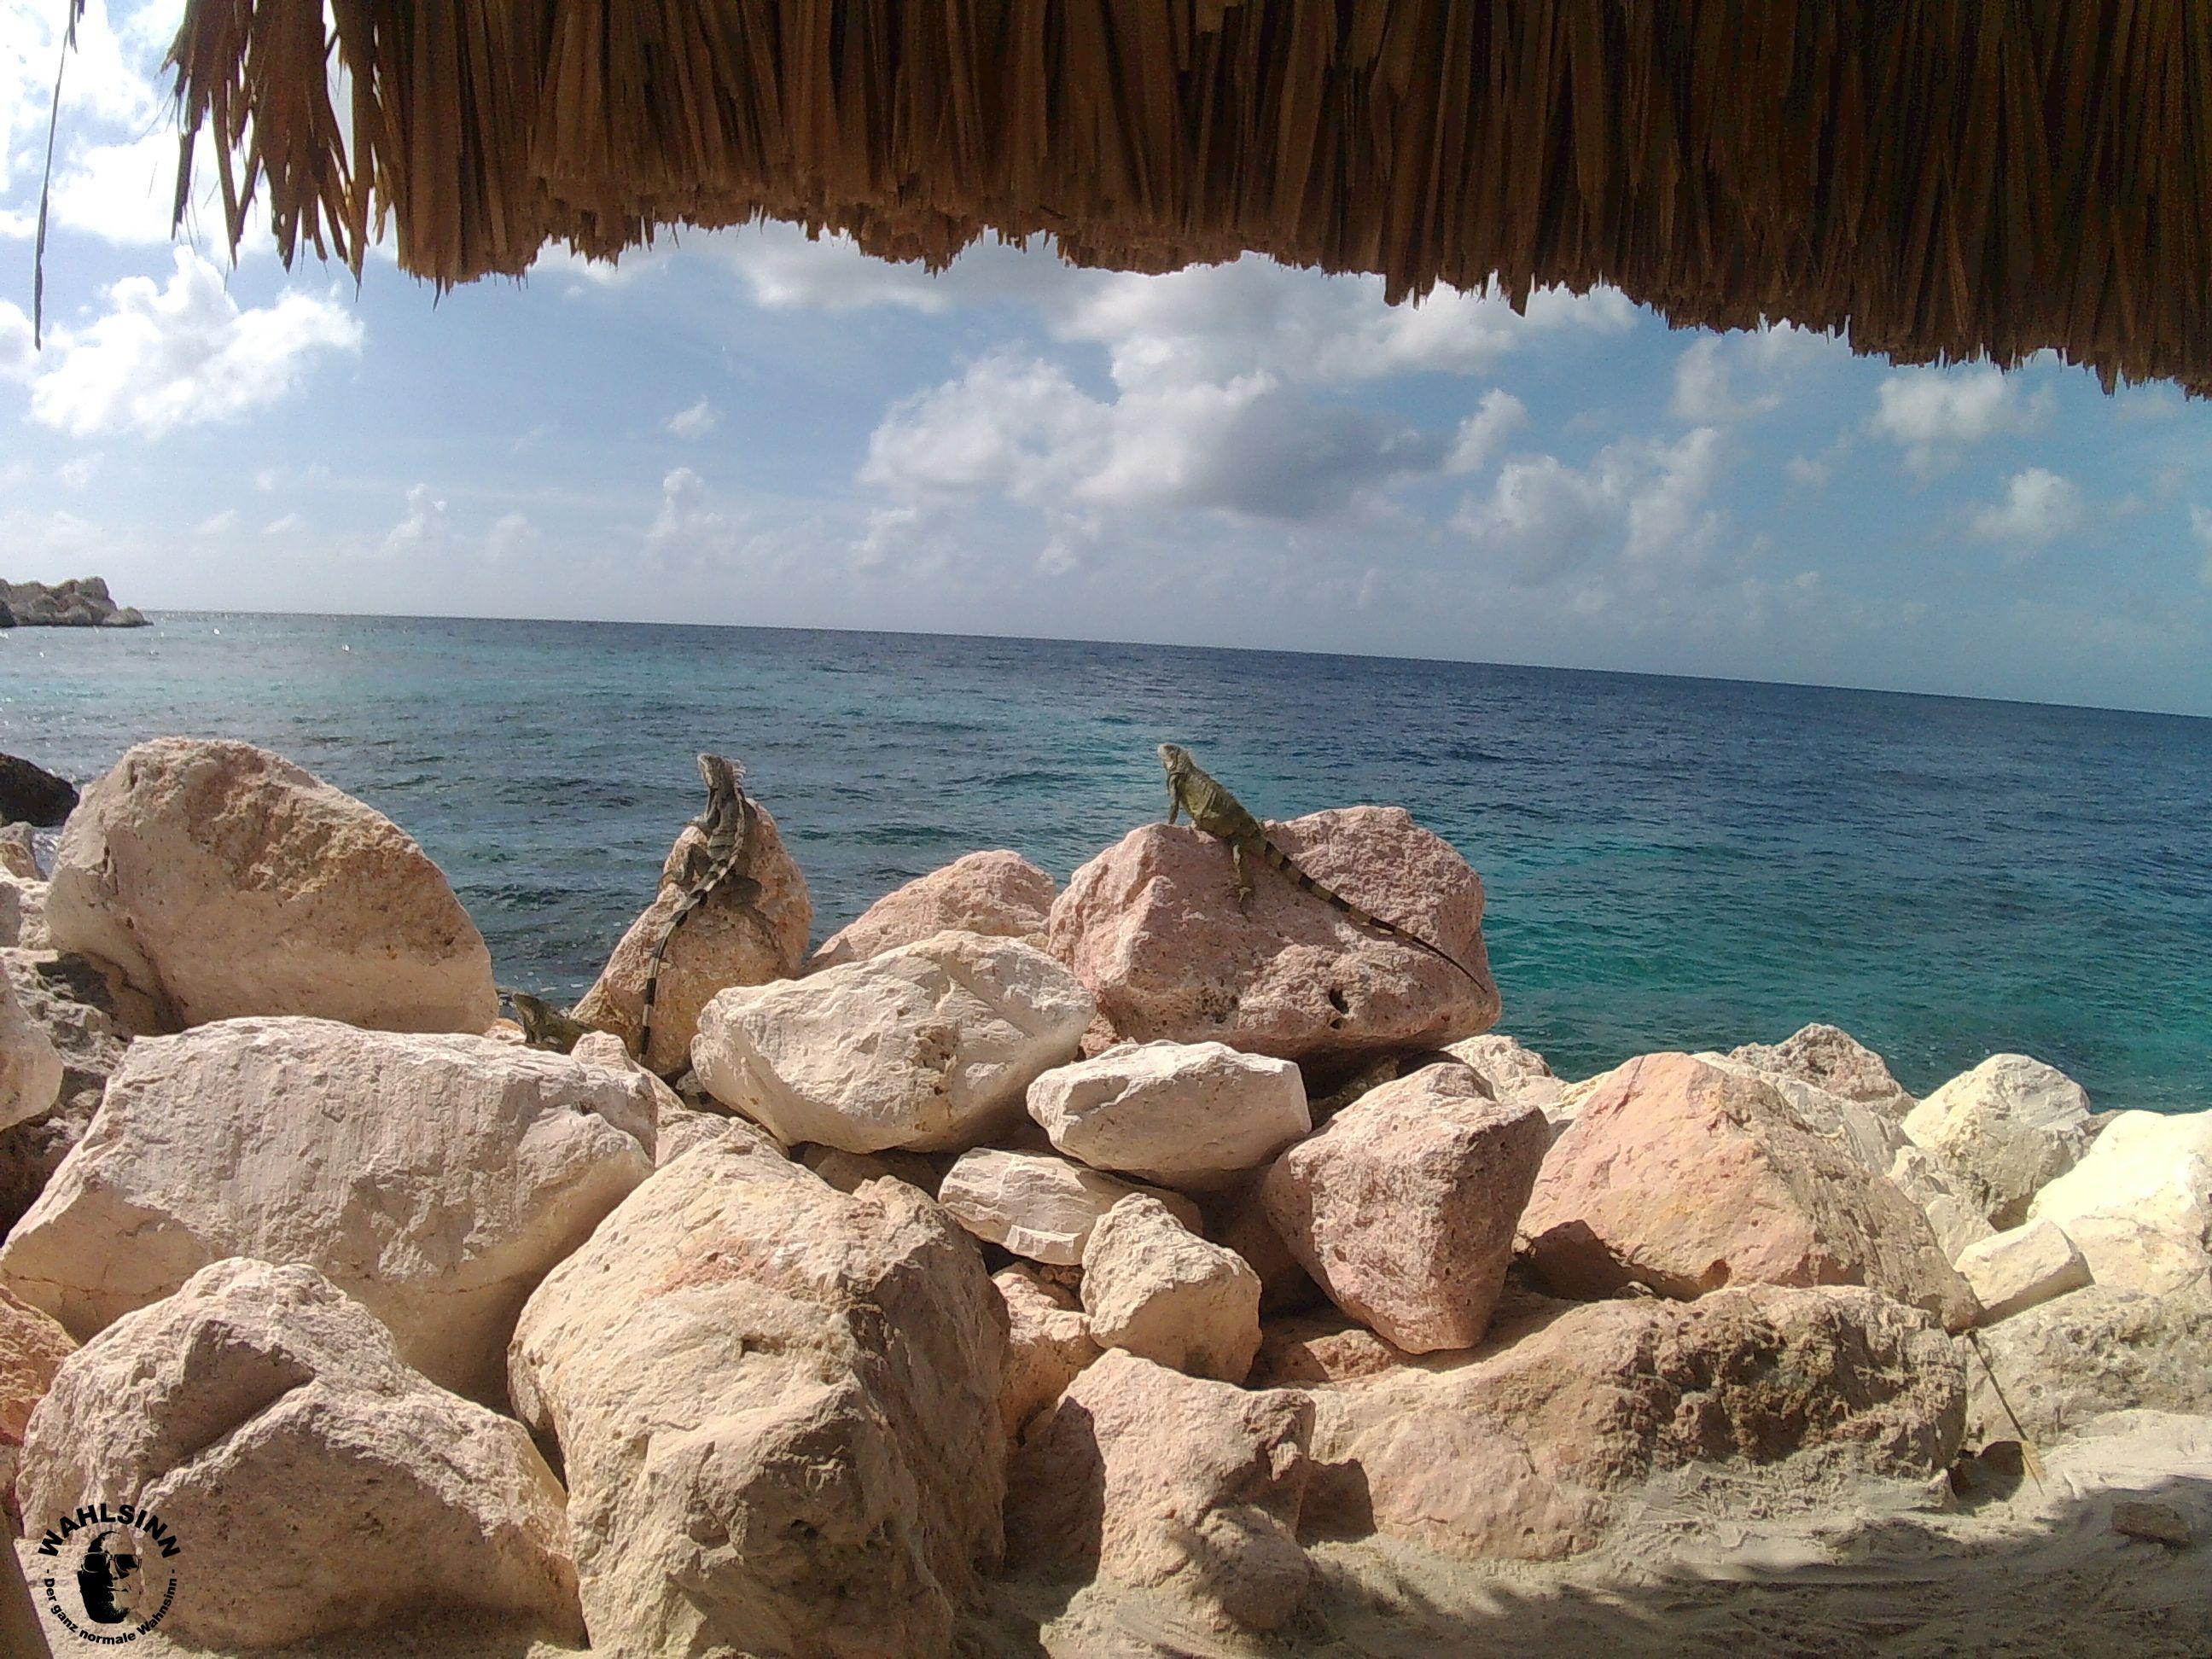 Curacao - Auch an Land sind wunderschöne Tiere zu beobachten. Hier: Leguane beim Sonnenbad